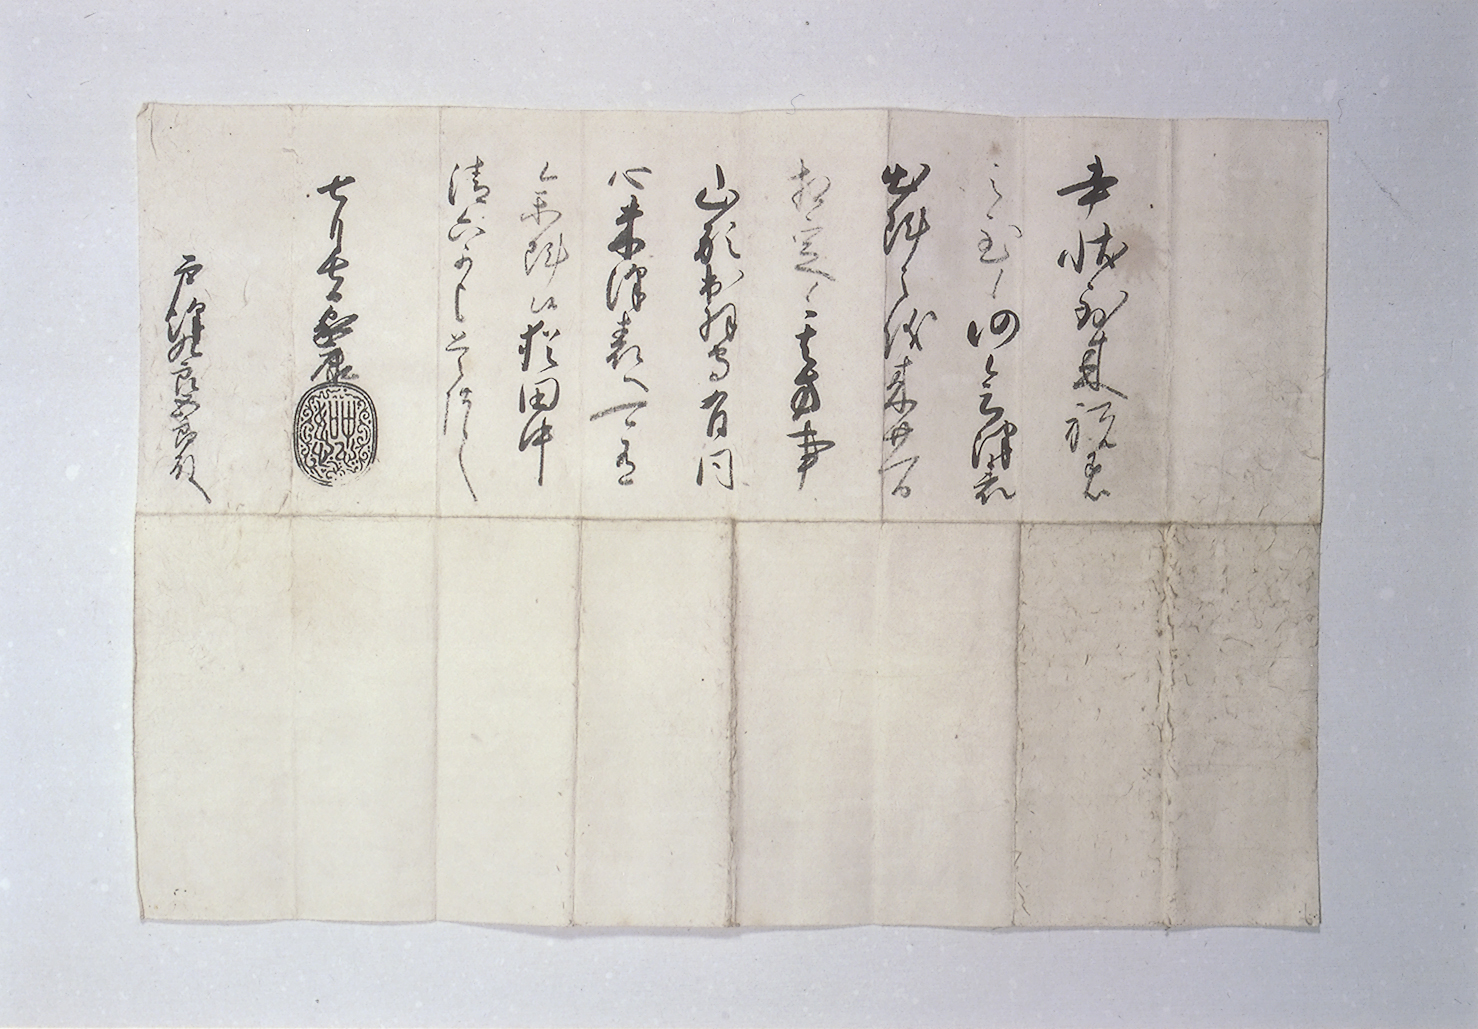 慶長5年7月7日付け 徳川家康書状